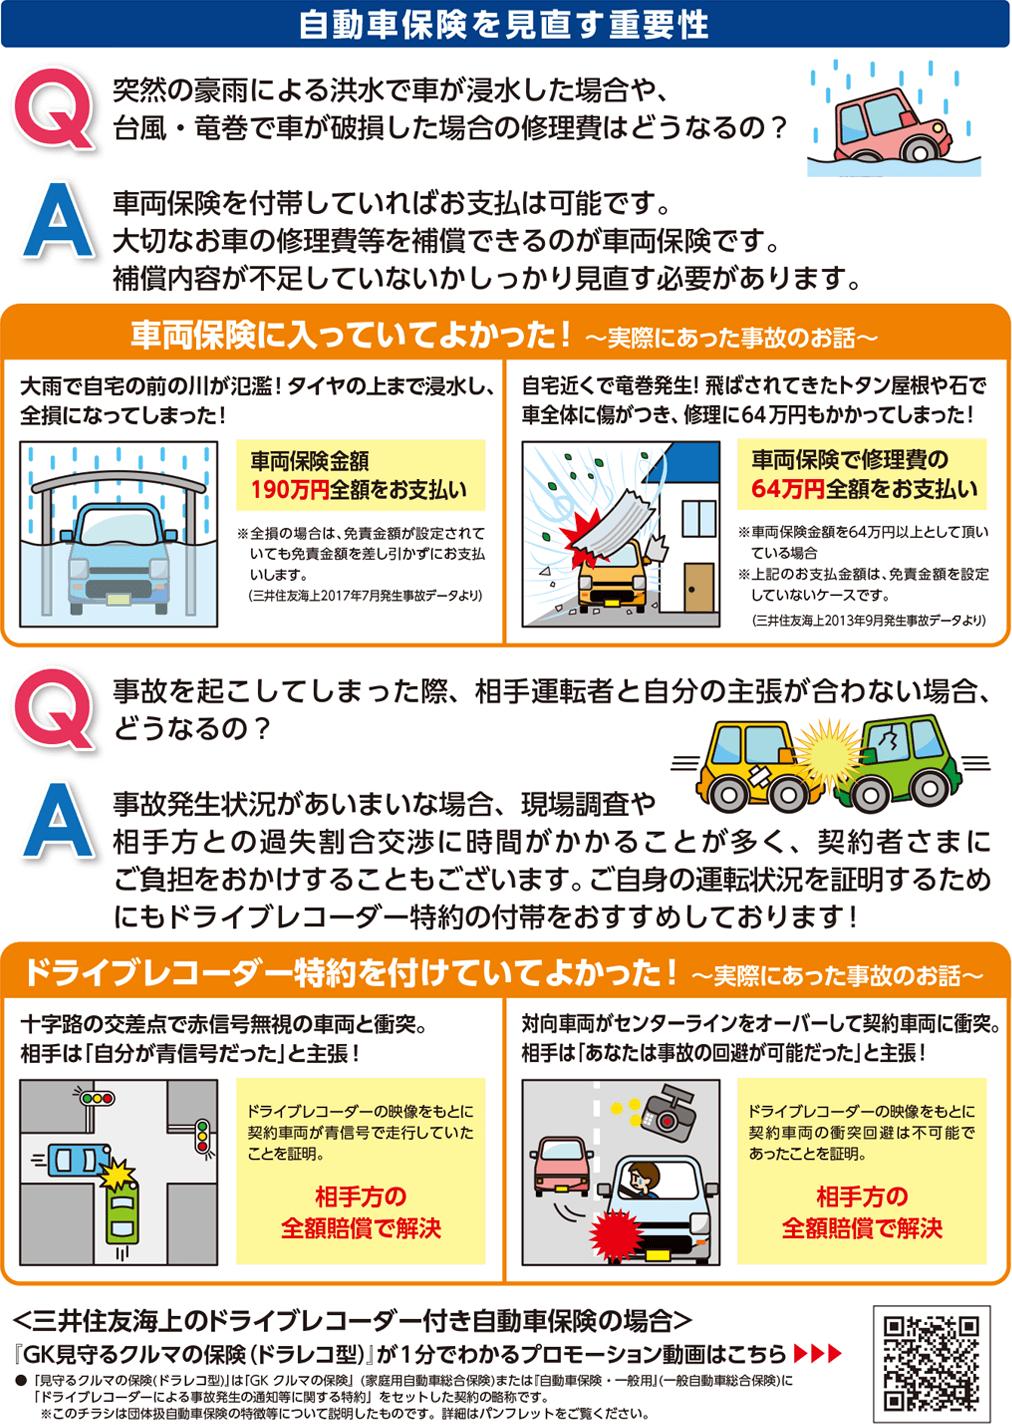 保険 証券 自動車